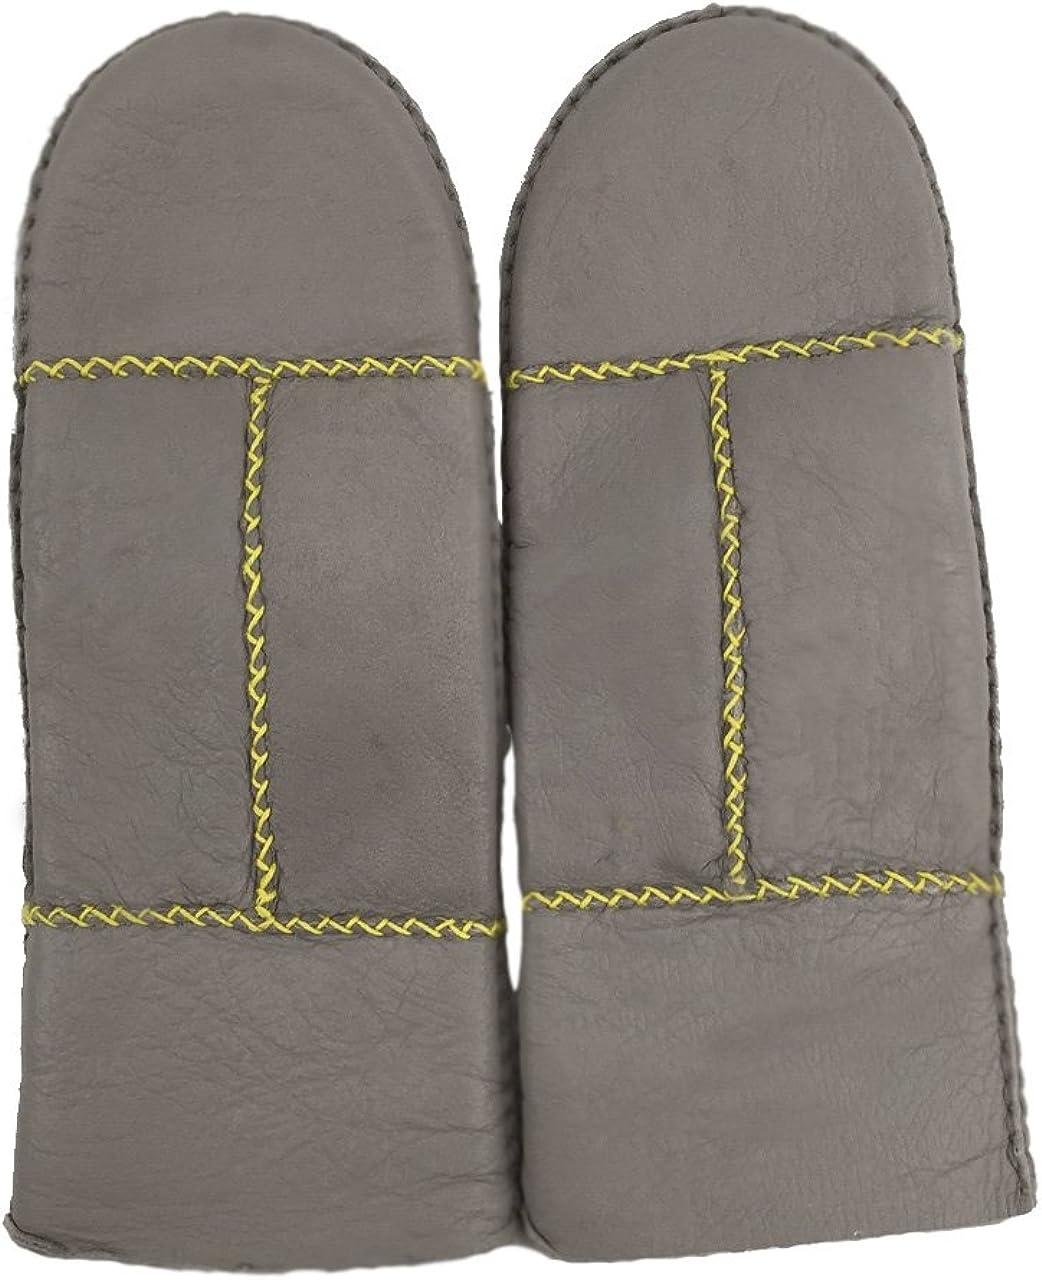 YISEVEN Womens Winter Sheepskin Shearling Leather Mittens Wool Lined Herringbone